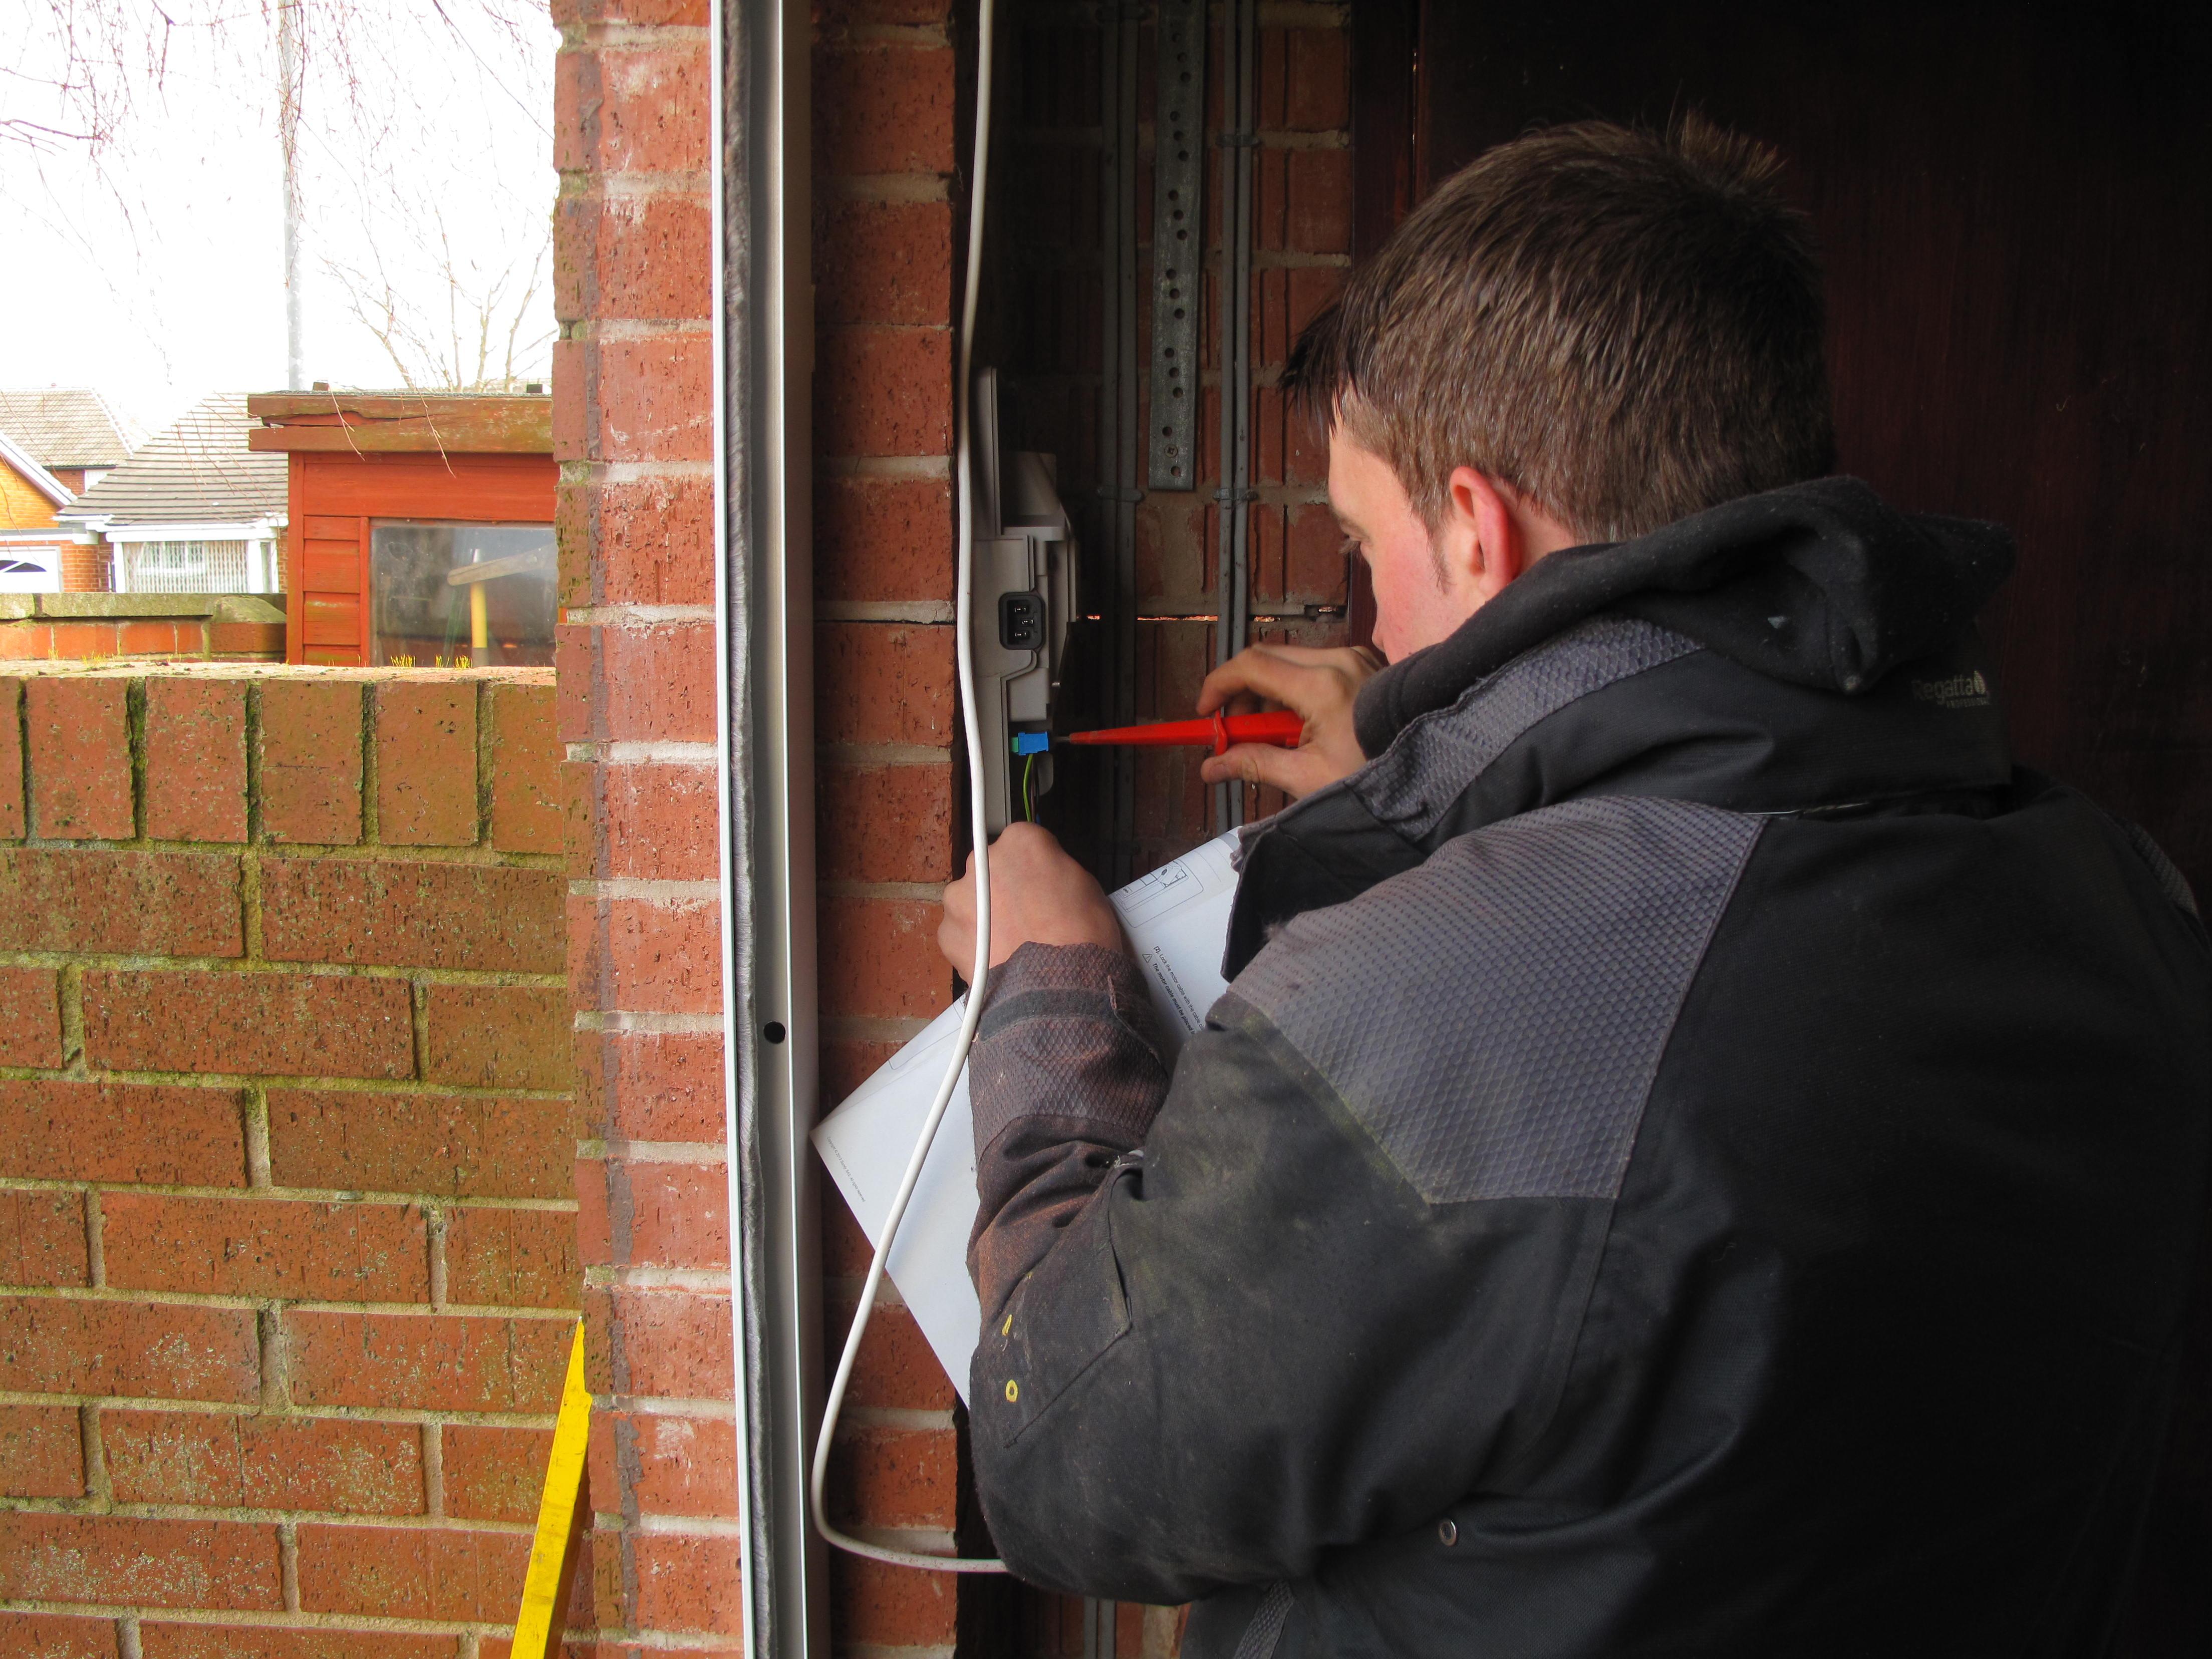 We\u0027re Hiring - Apprentice Garage Door Fitters & We\u0027re Hiring - Apprentice Garage Door Fitters | The garage door team Pezcame.Com